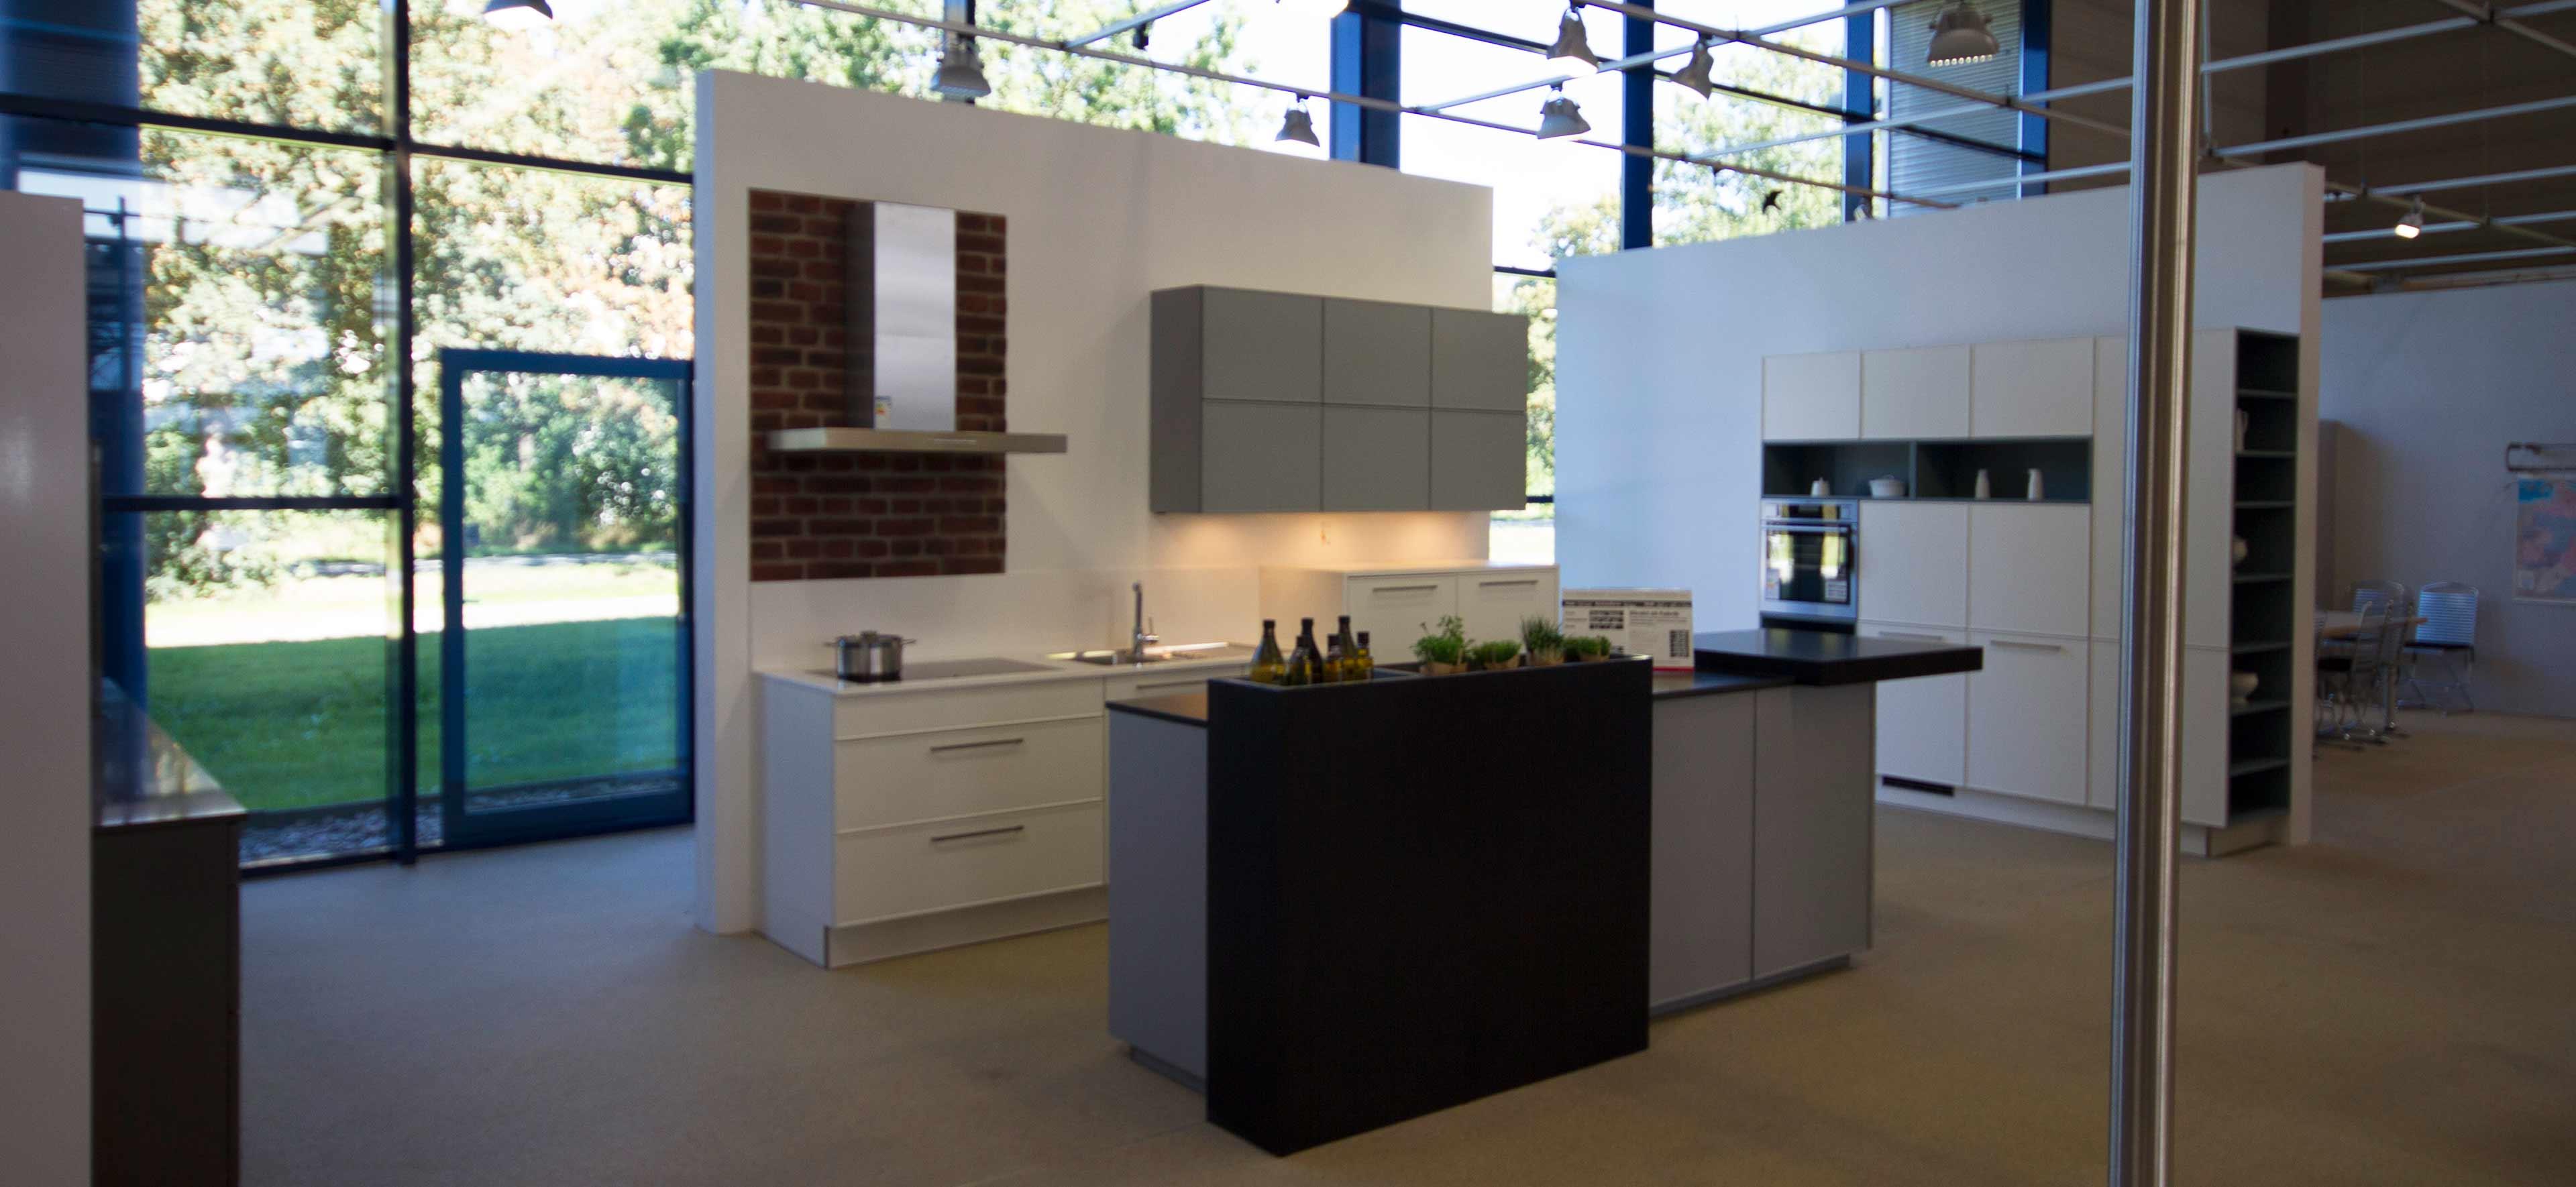 marquardt k chen in paderborn branchenbuch deutschland. Black Bedroom Furniture Sets. Home Design Ideas